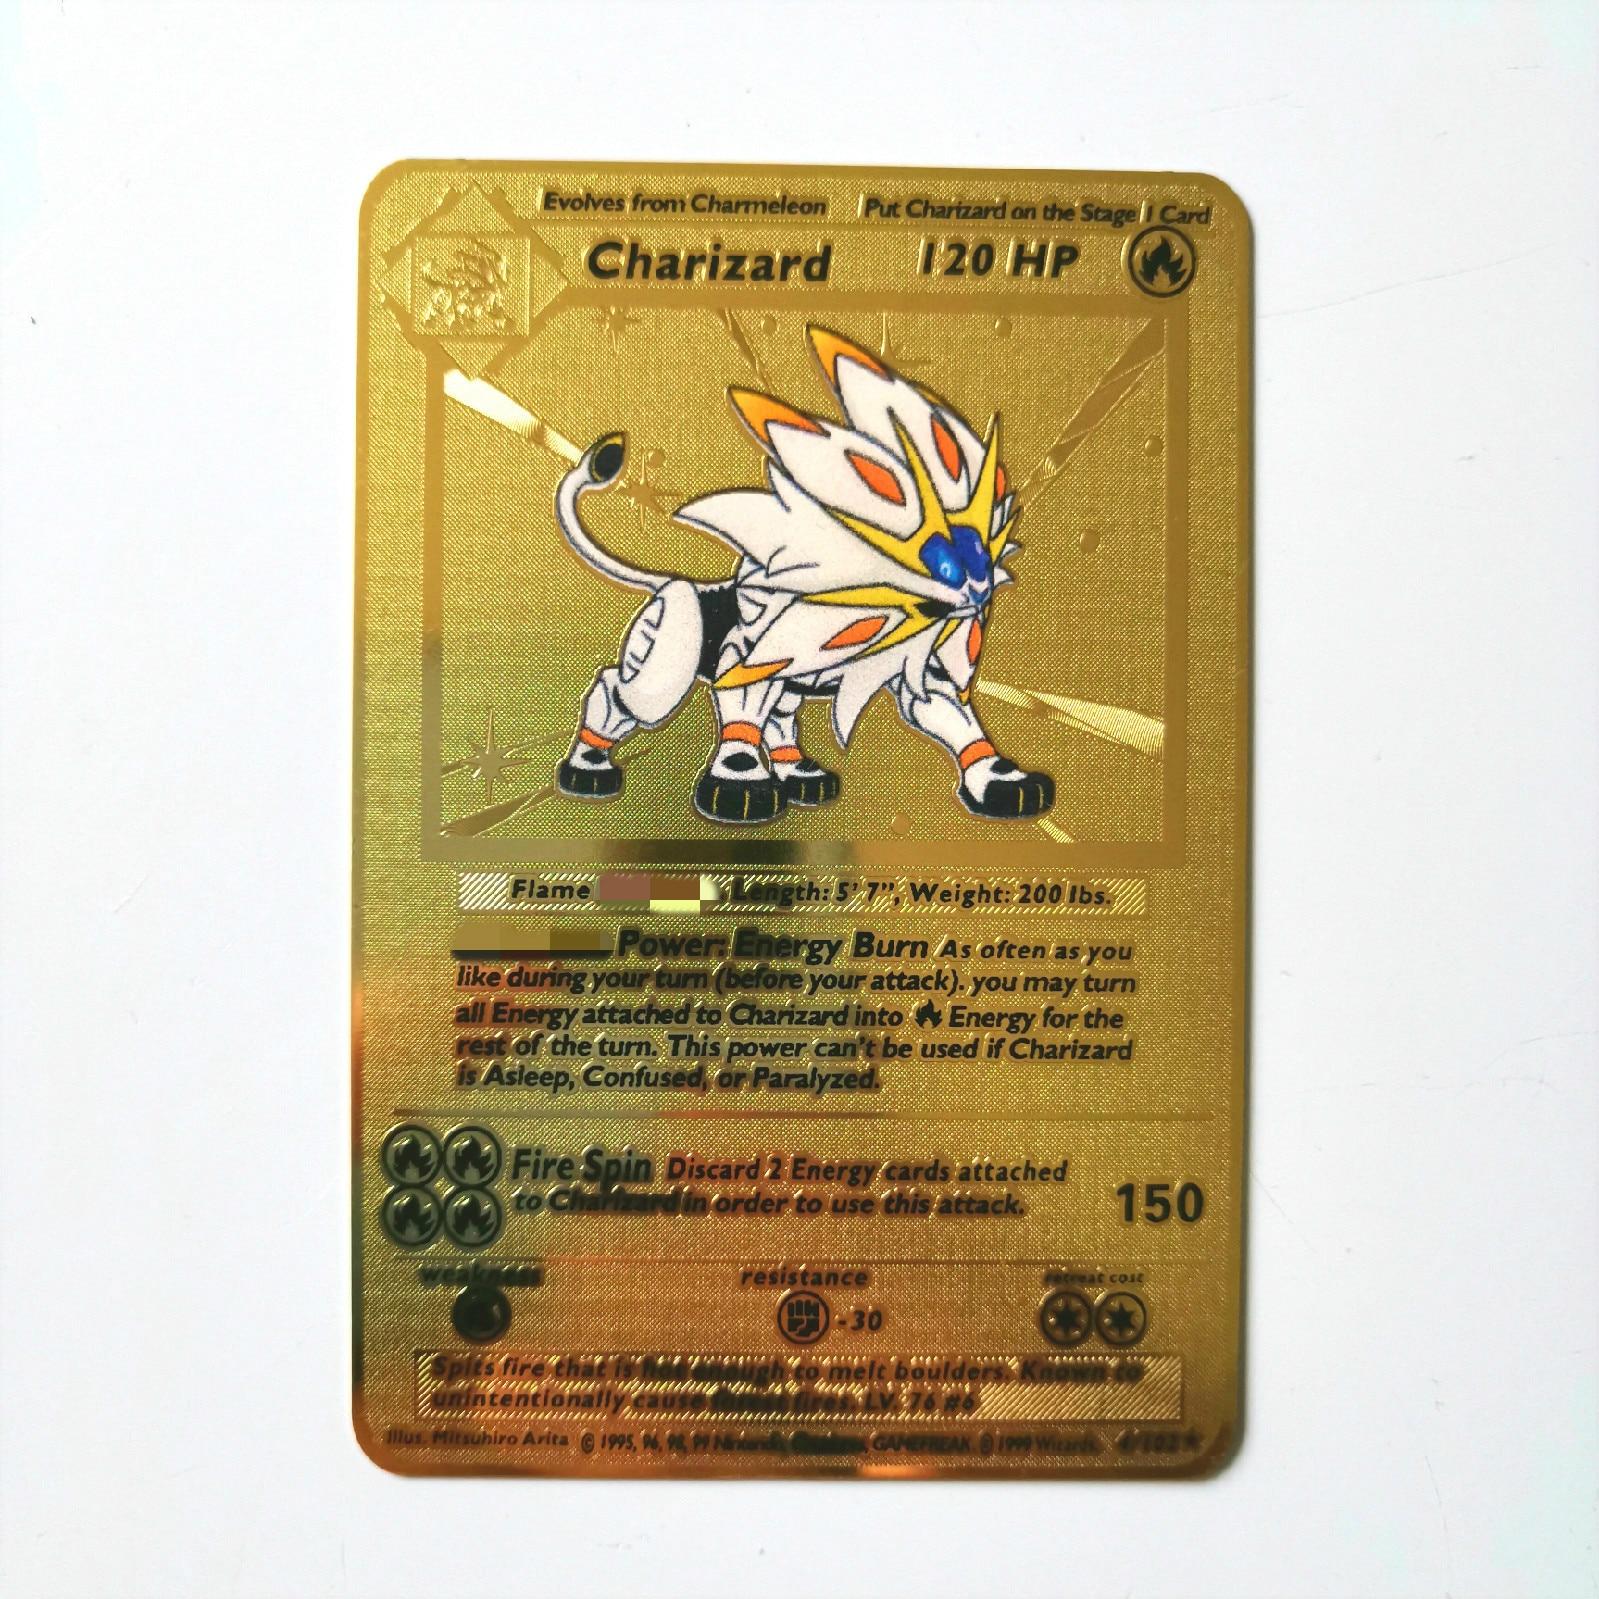 Dragon Ball золотая металлическая карточка супер игра Коллекция аниме-открытки игра детская игрушка - Цвет: K